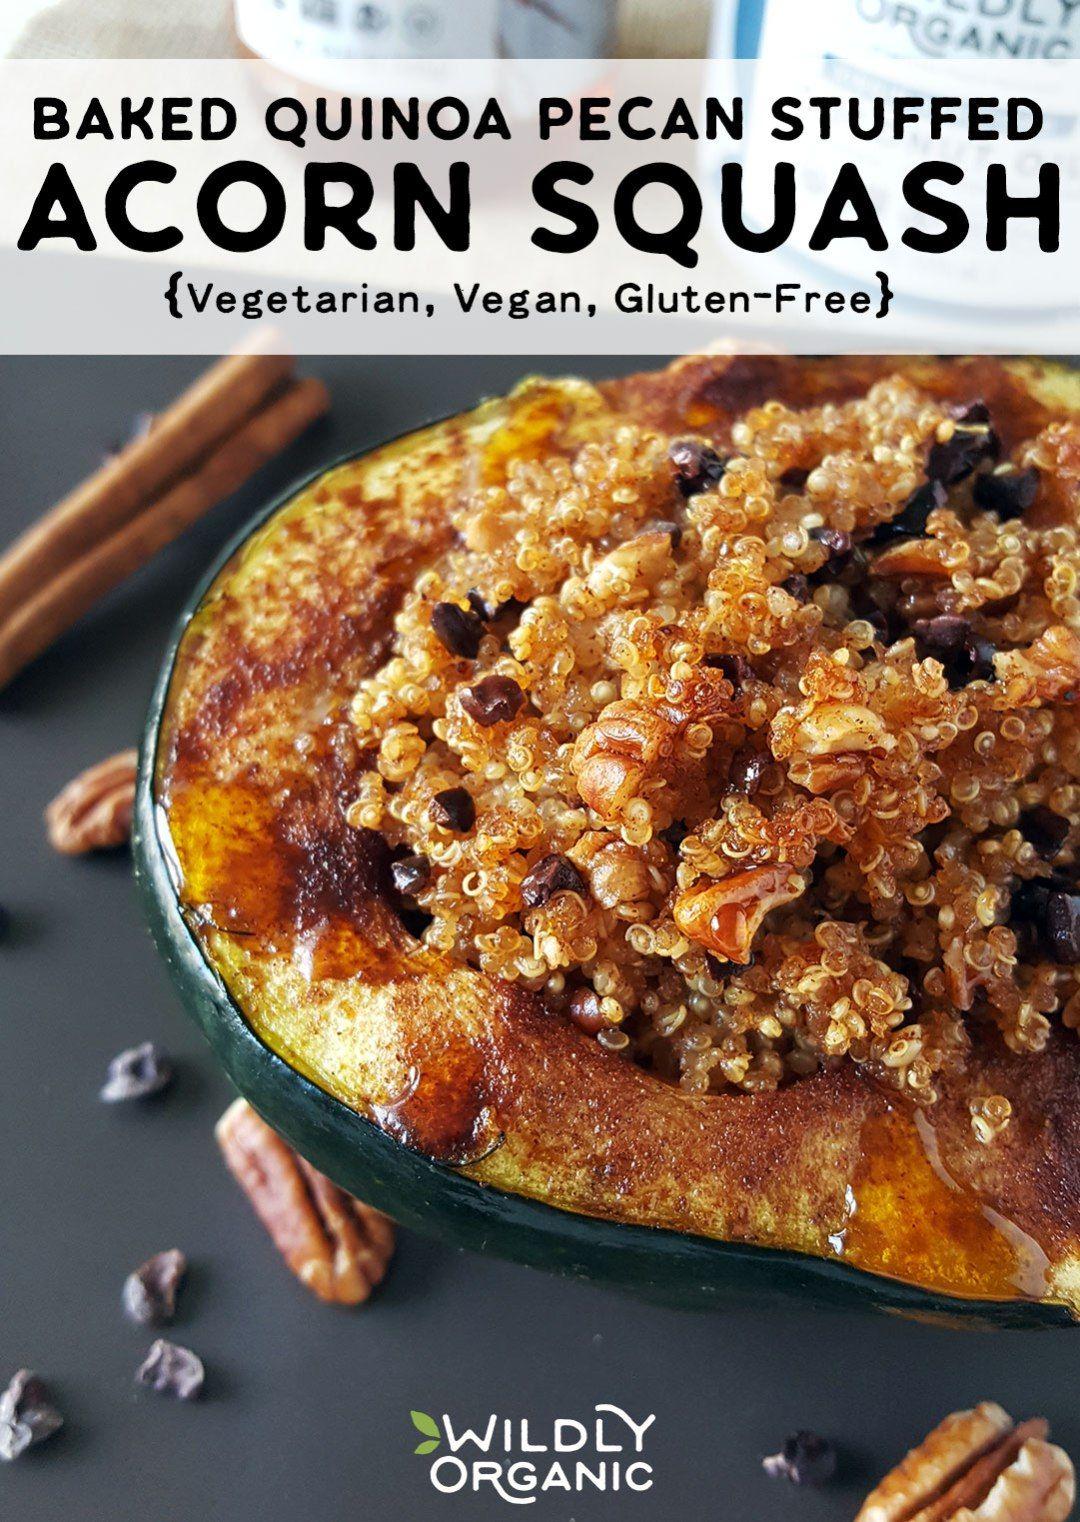 Baked Quinoa Pecan Stuffed Acorn Squash Recipe Acorn Squash